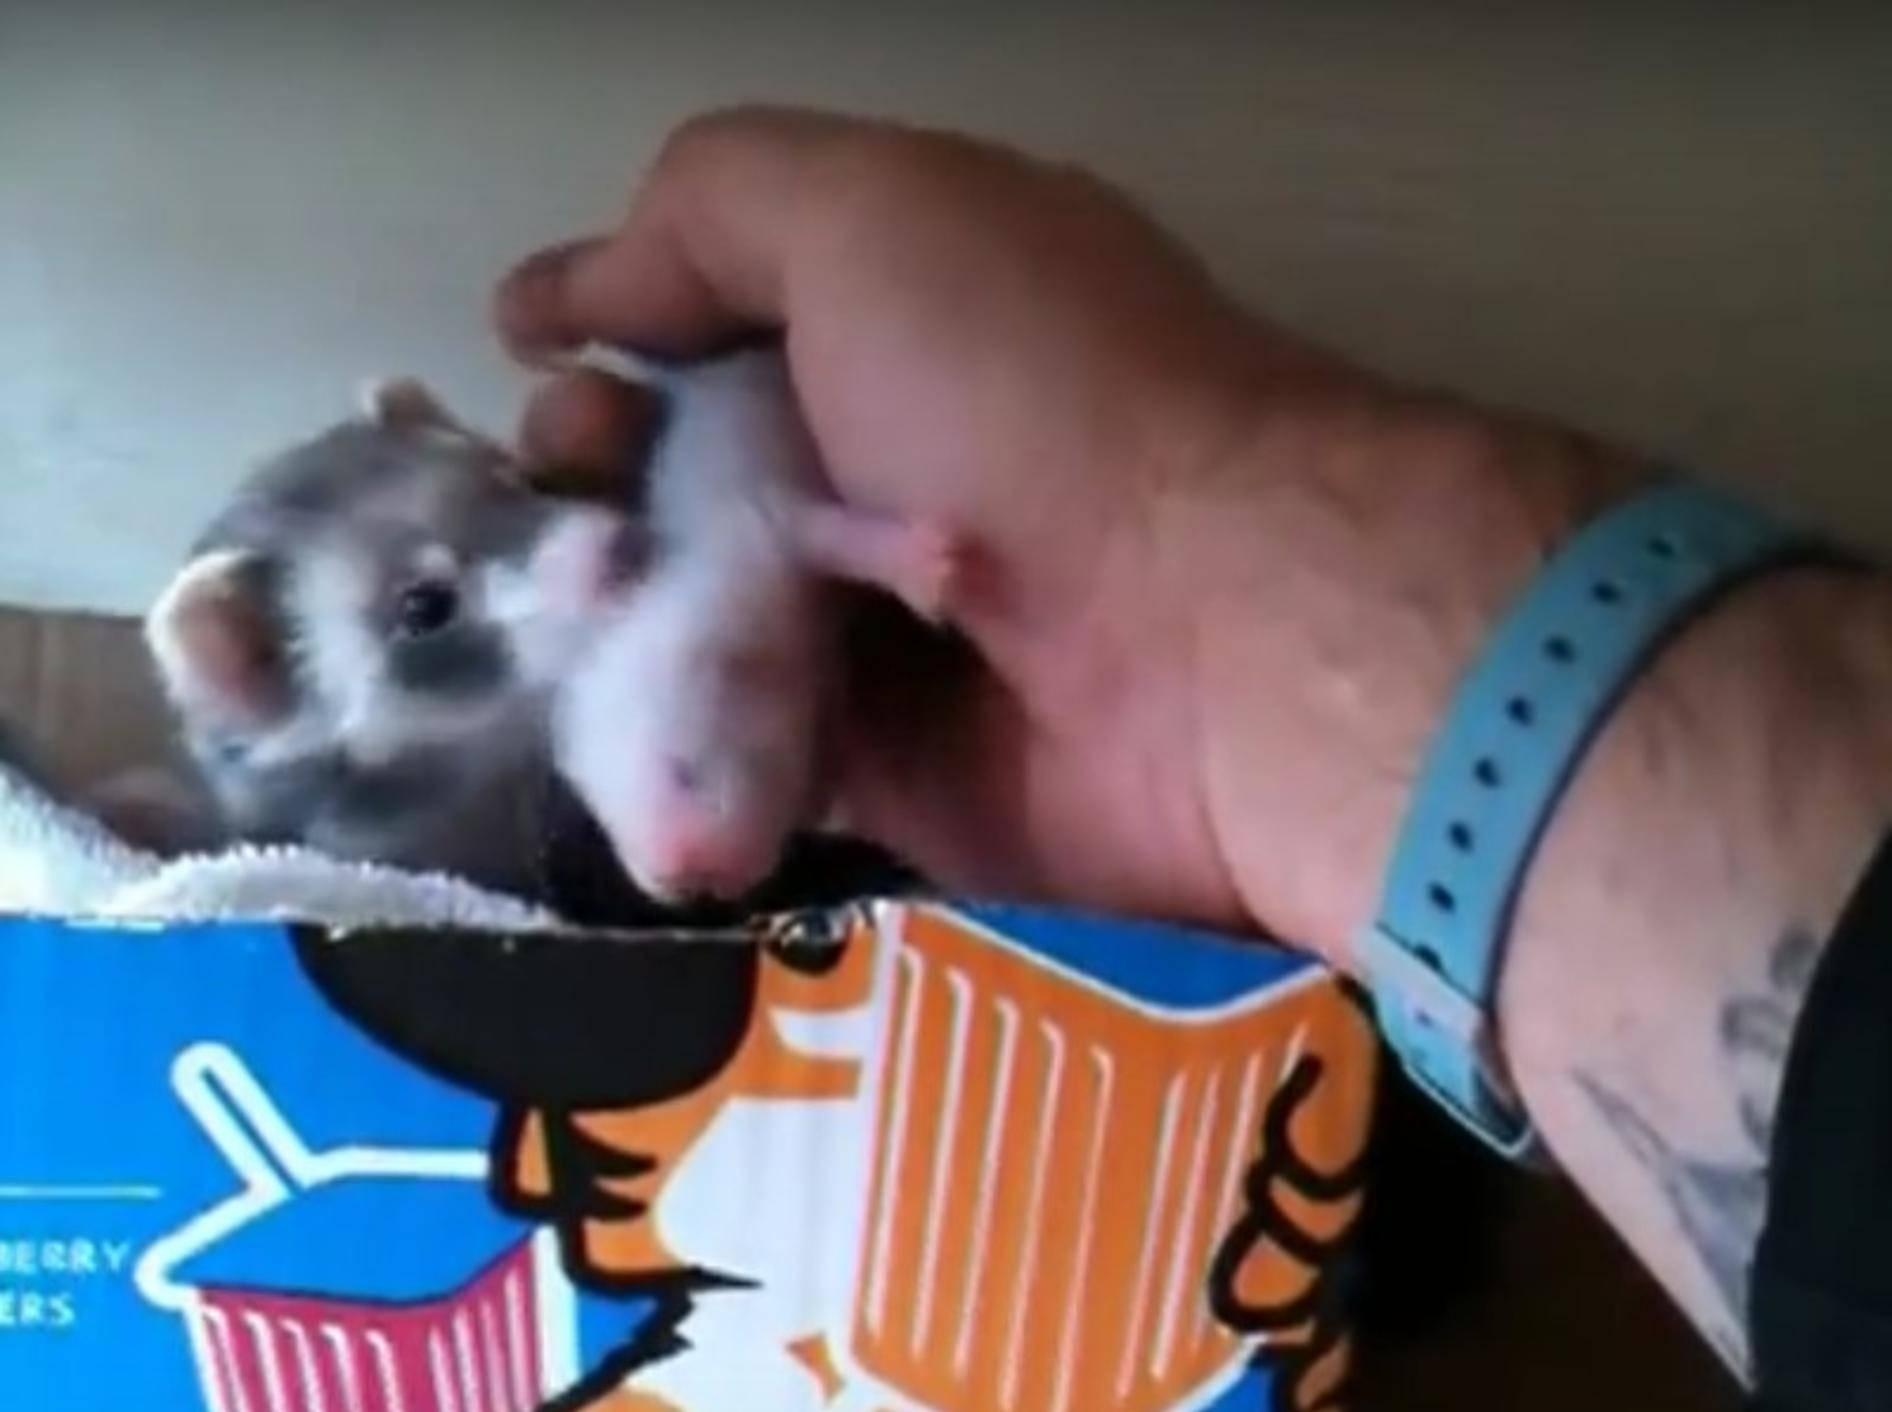 Die Frettchenmama will seinem Besitzer unbedingt ihre Brut zeigen – brett forster/YouTube